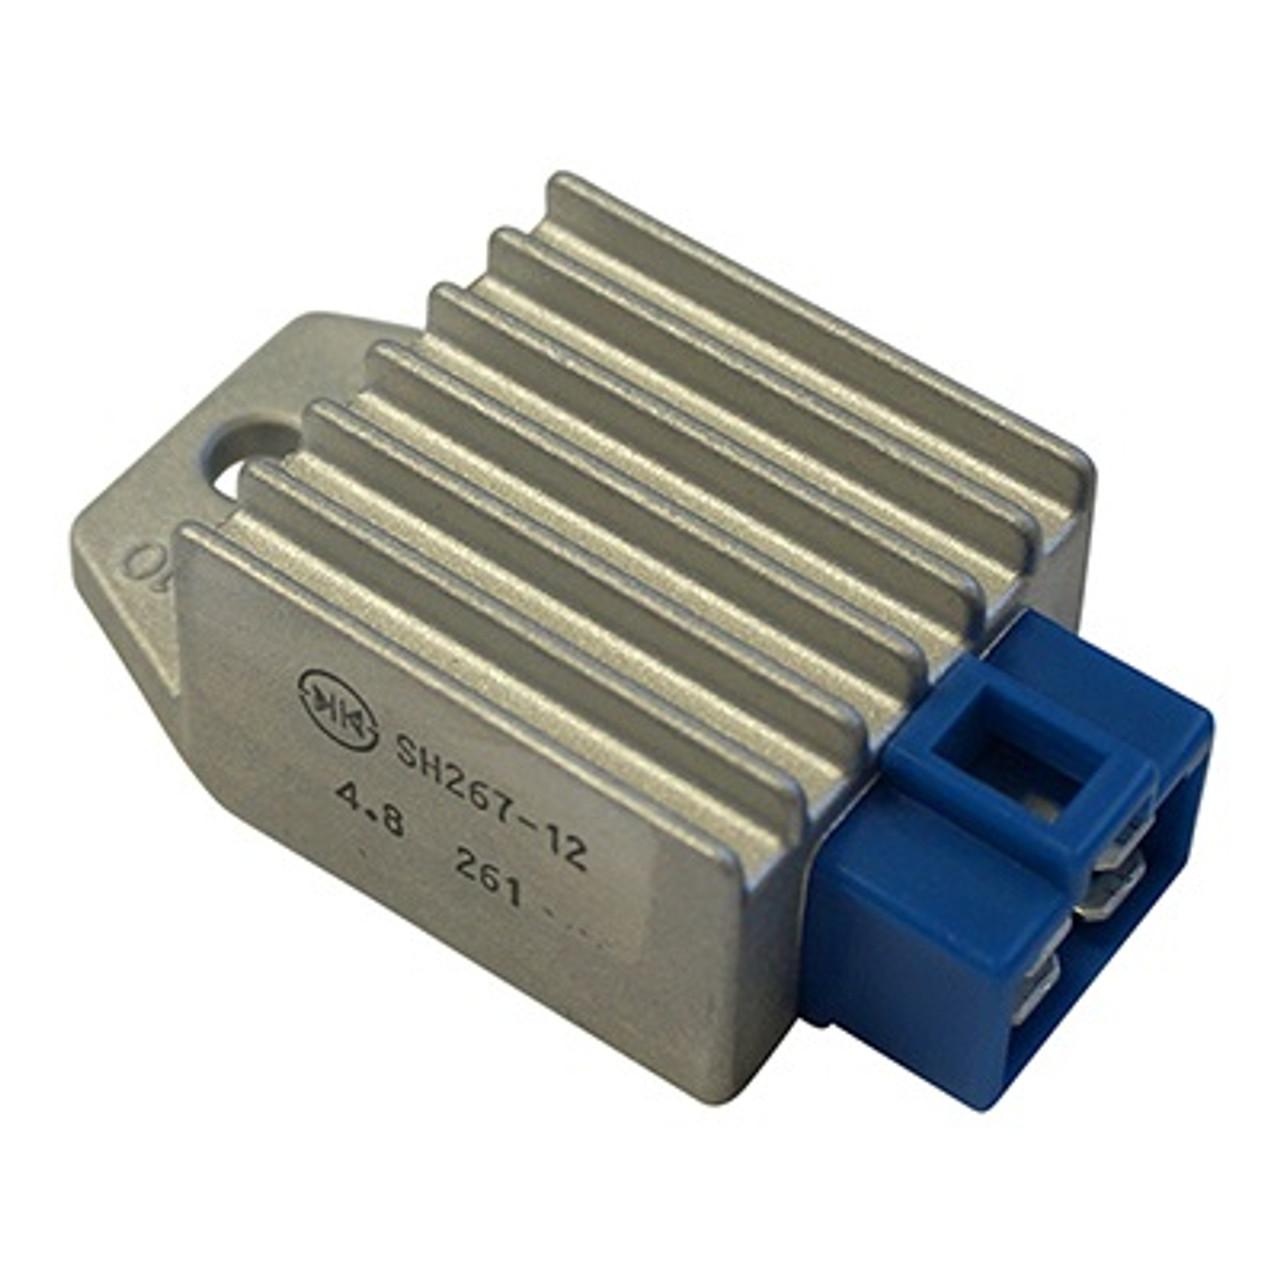 2007 yamaha g22e wiring diagram yamaha voltage regulator g8 g9 g14 g16 g20 g21 g22  g8 g9 g14 g16 g20 g21 g22